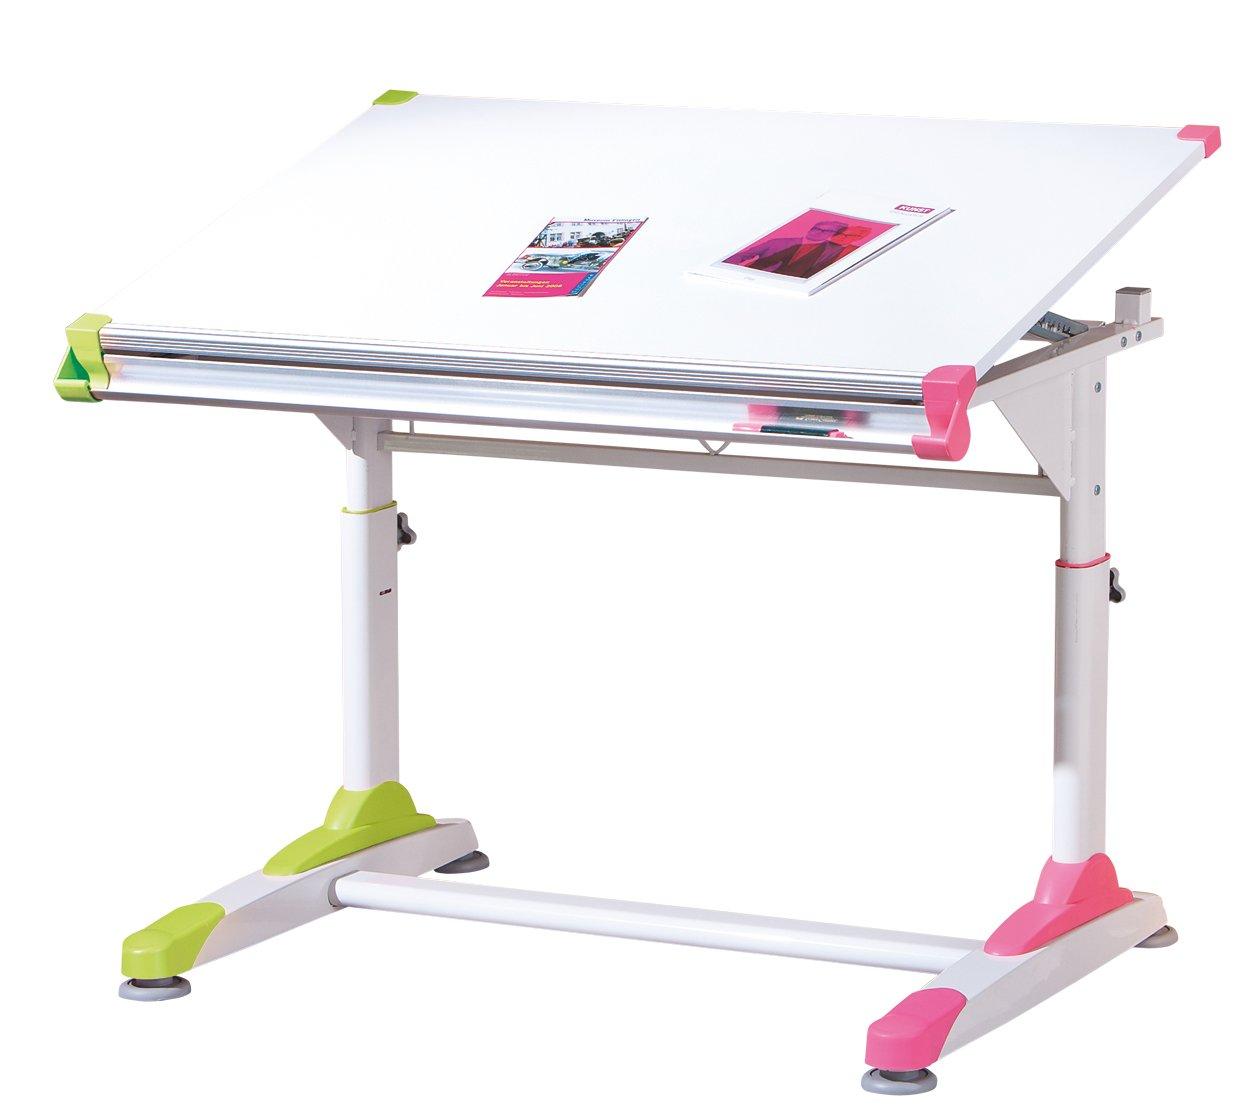 selección larga Links 50900440 2 Colorido - Escritorio Escritorio Escritorio infantil (tablero de densidad media y metal, 100 x 66 x 69-84 cm), color blanco, rosa y verde  nuevo listado